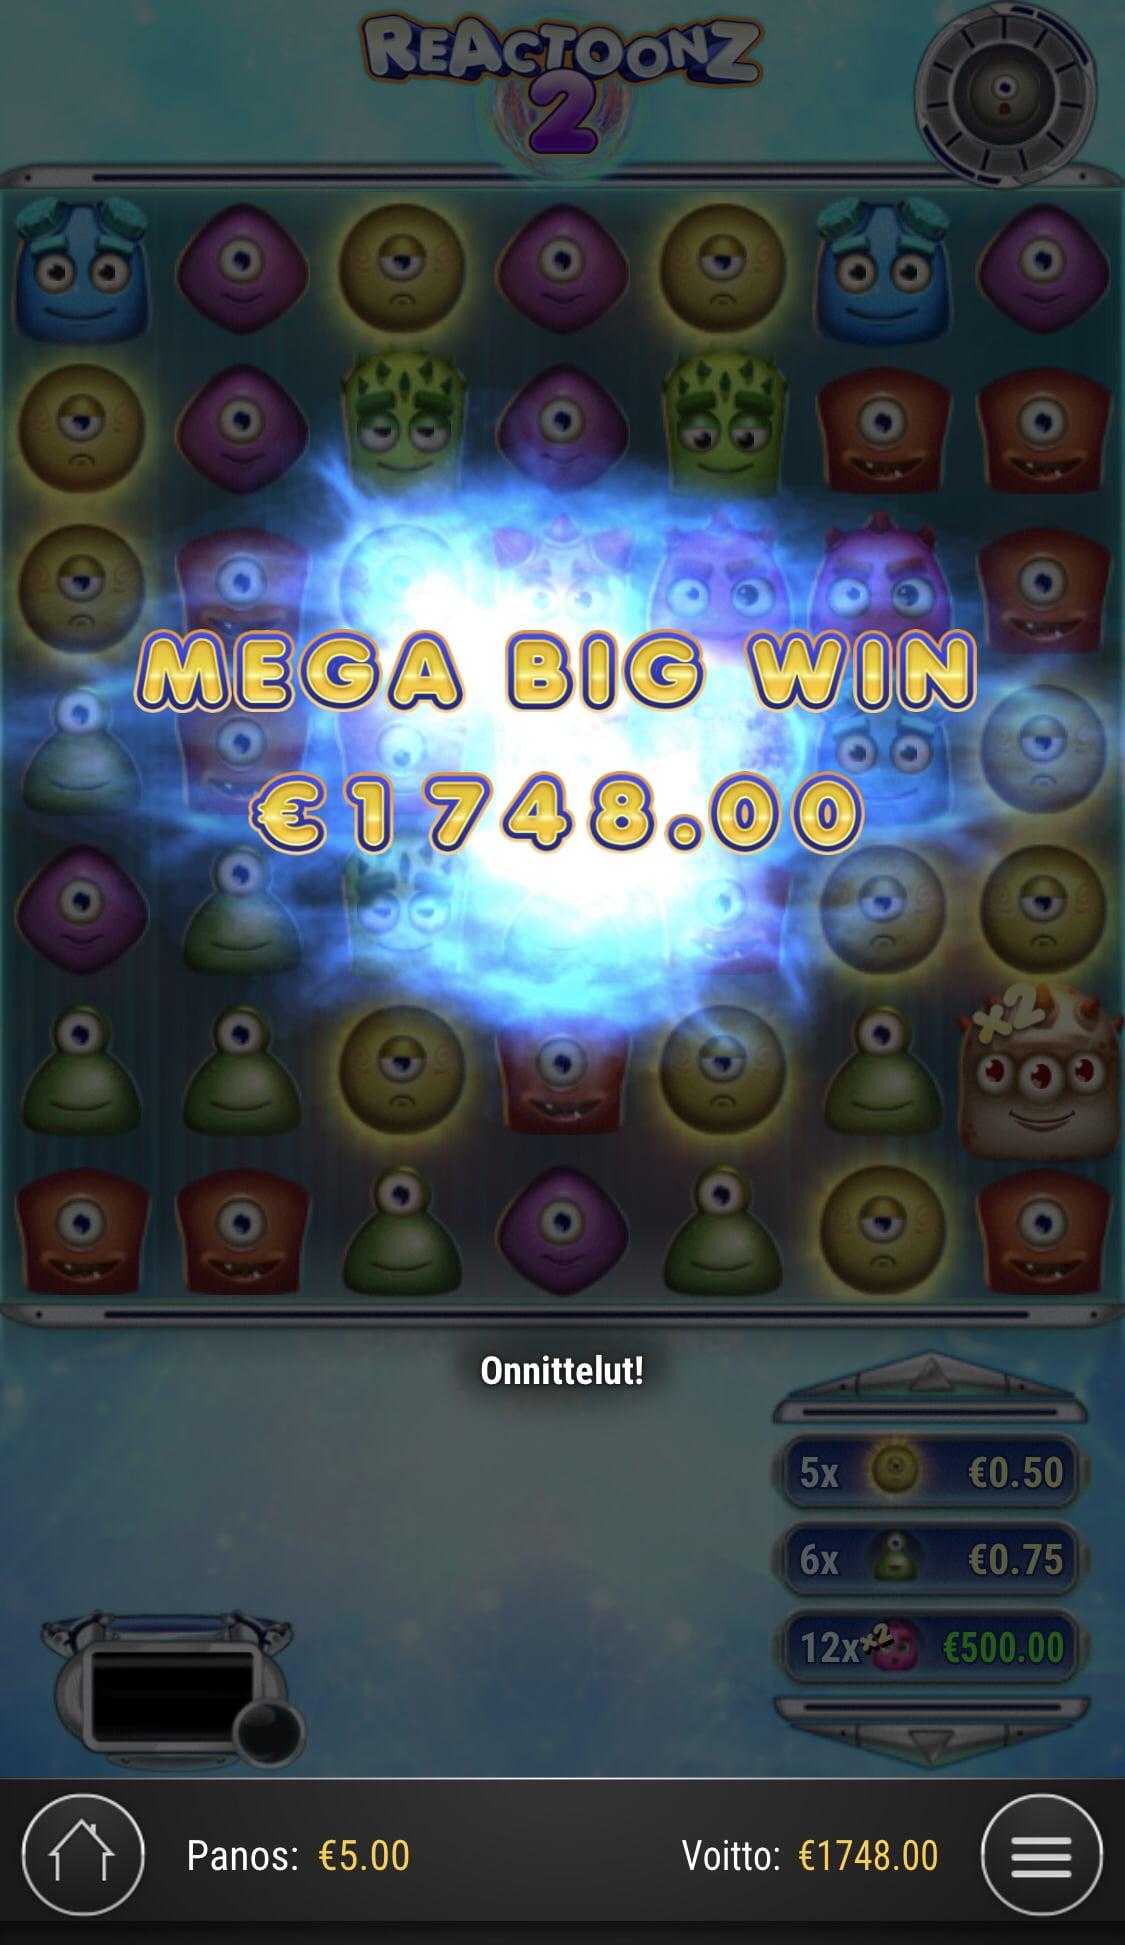 Reactoonz 2 Casino win picture by Sonefinland 19.2.2021 1748e 350X